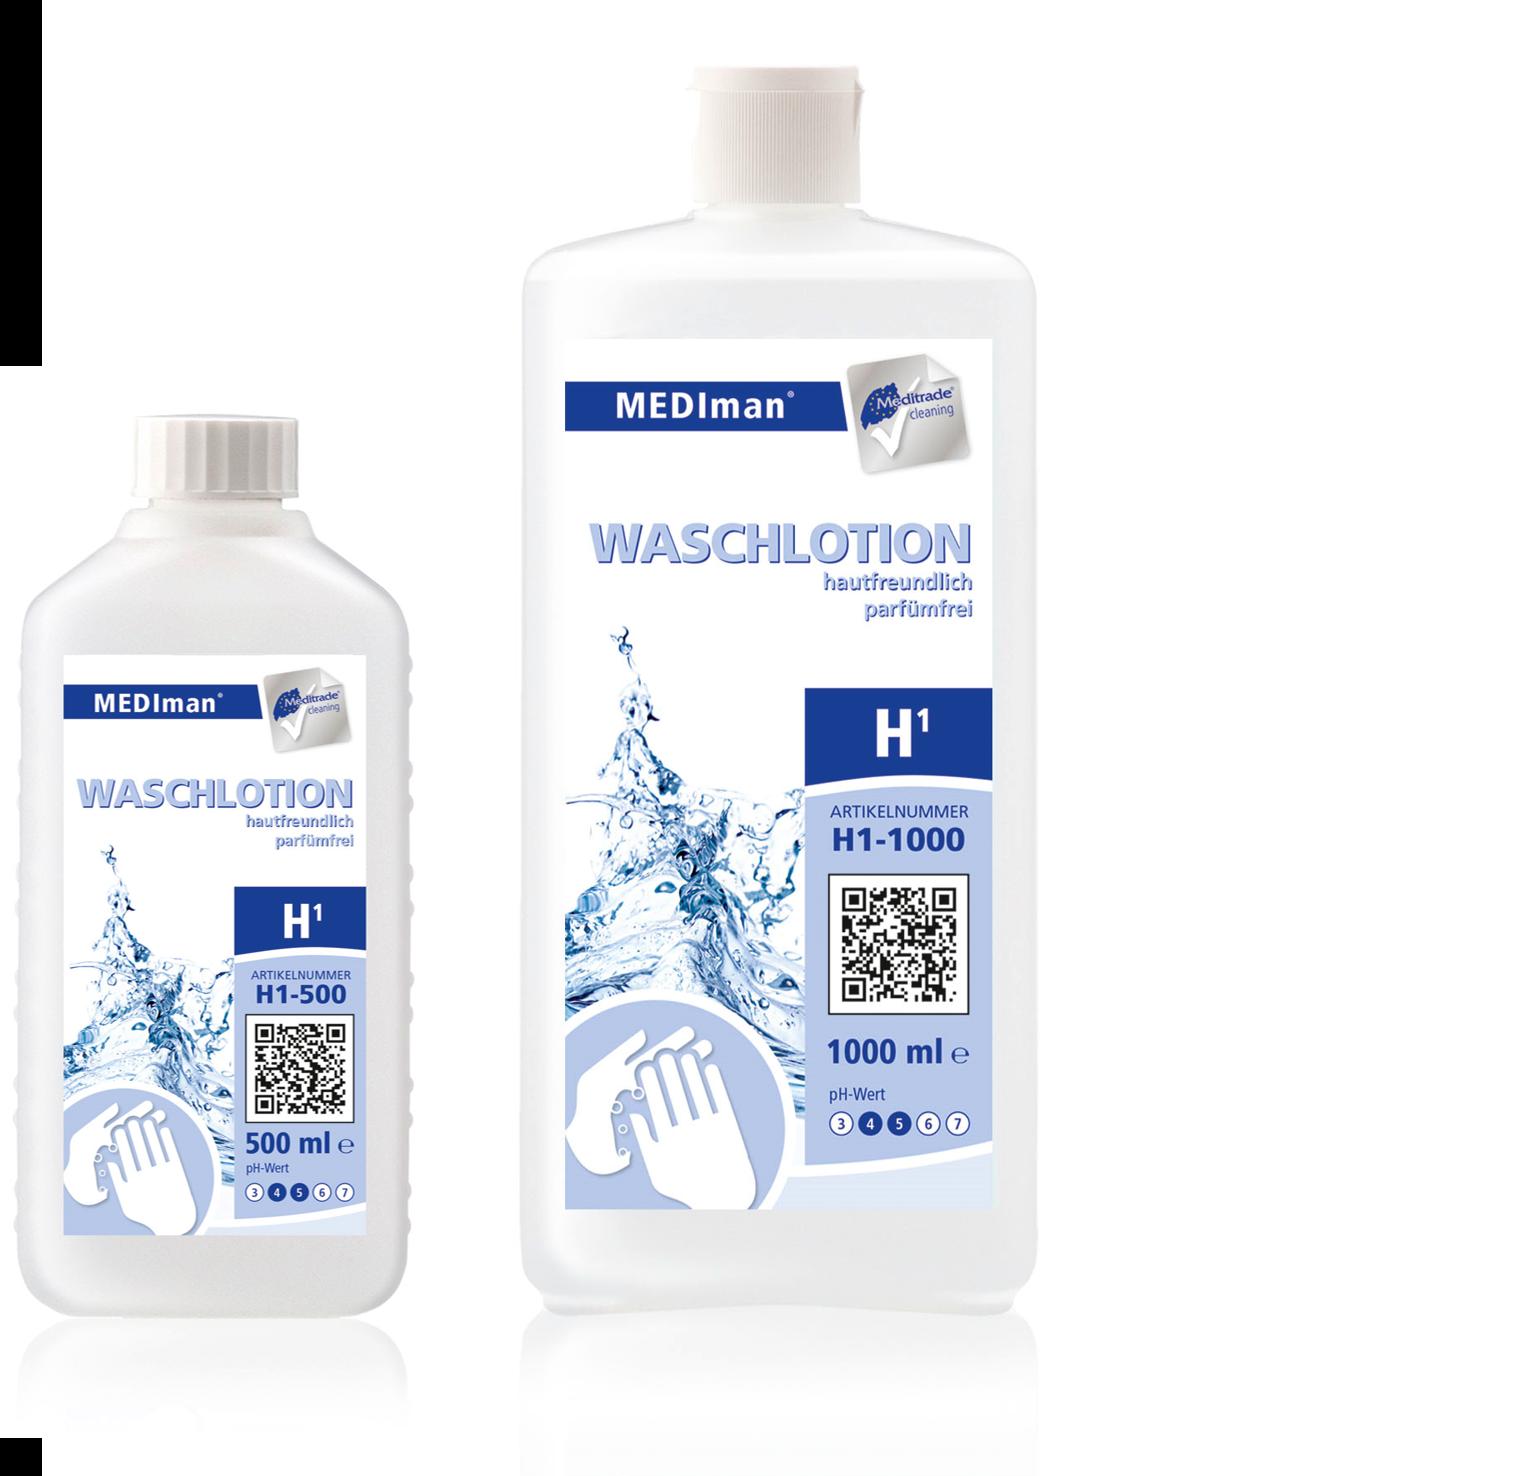 H1 WASCHLOTION   hautfreundlich, parfümfrei